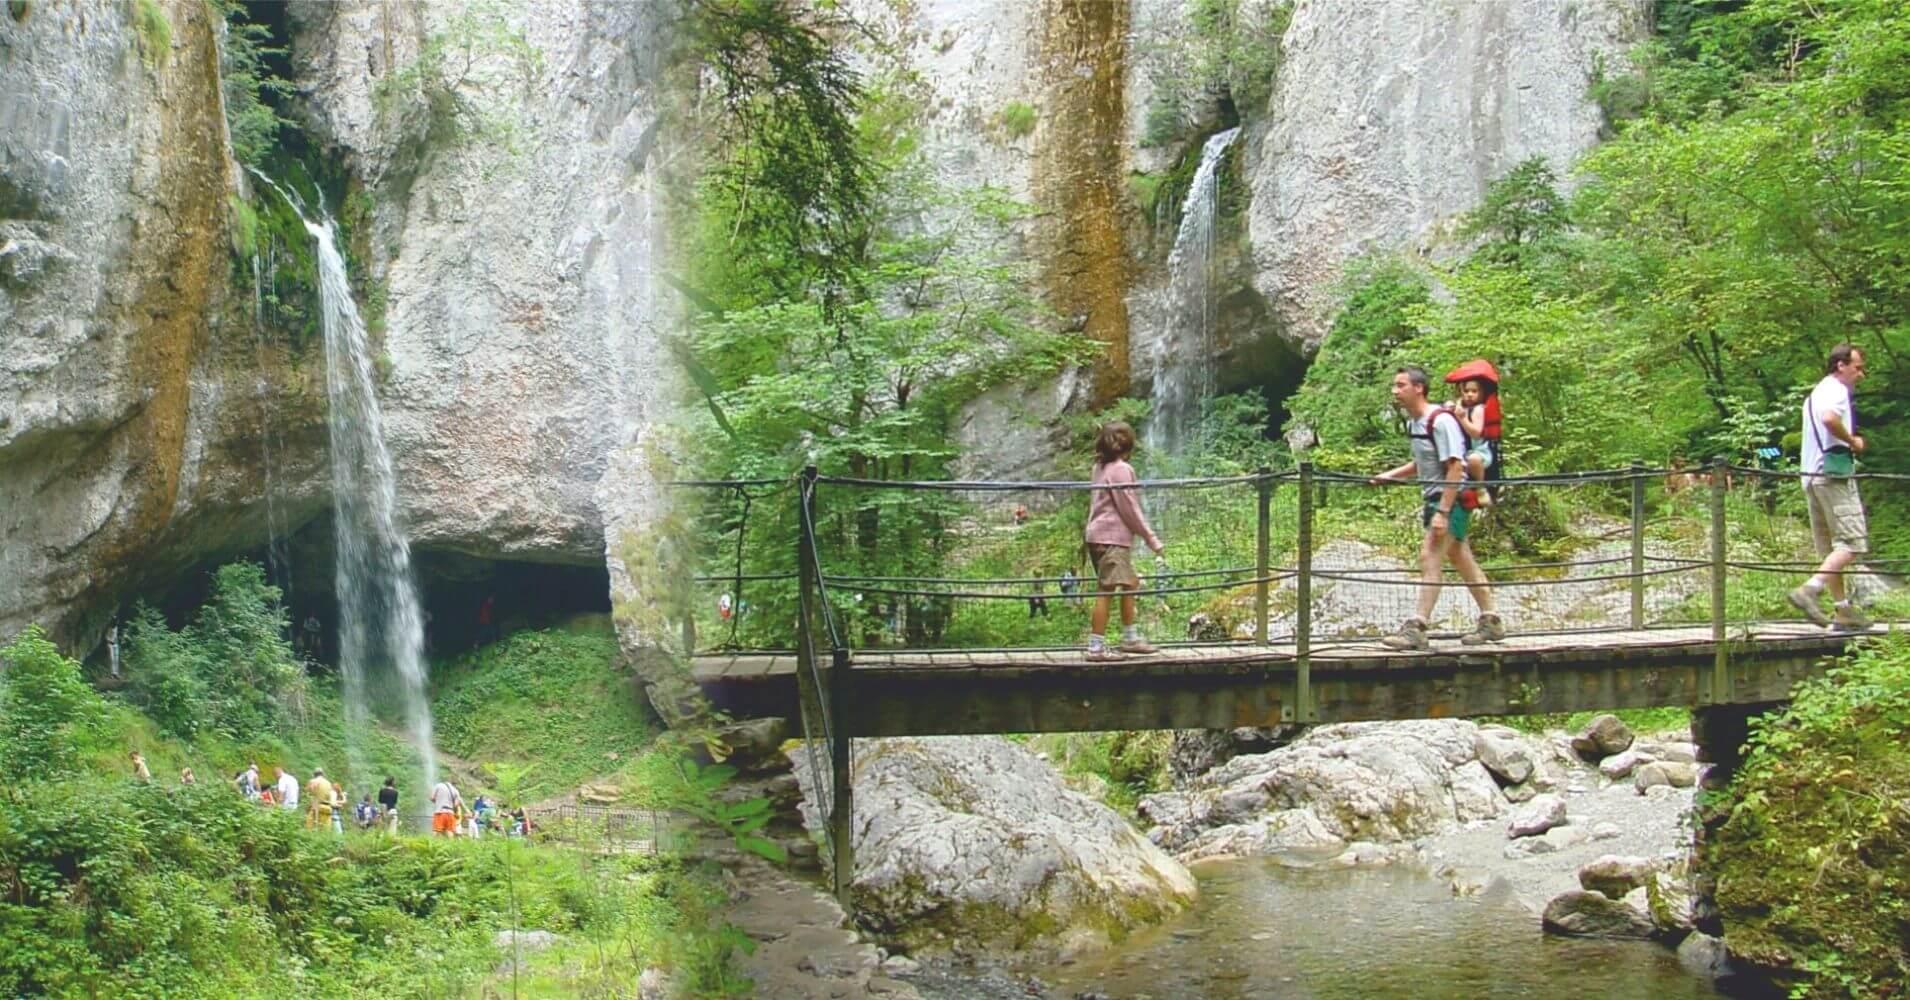 Cascada Gorges de Kakoueta. Sainte-Engrâce. Pirineos Atlánticos. Nueva Aquitania. Francia.